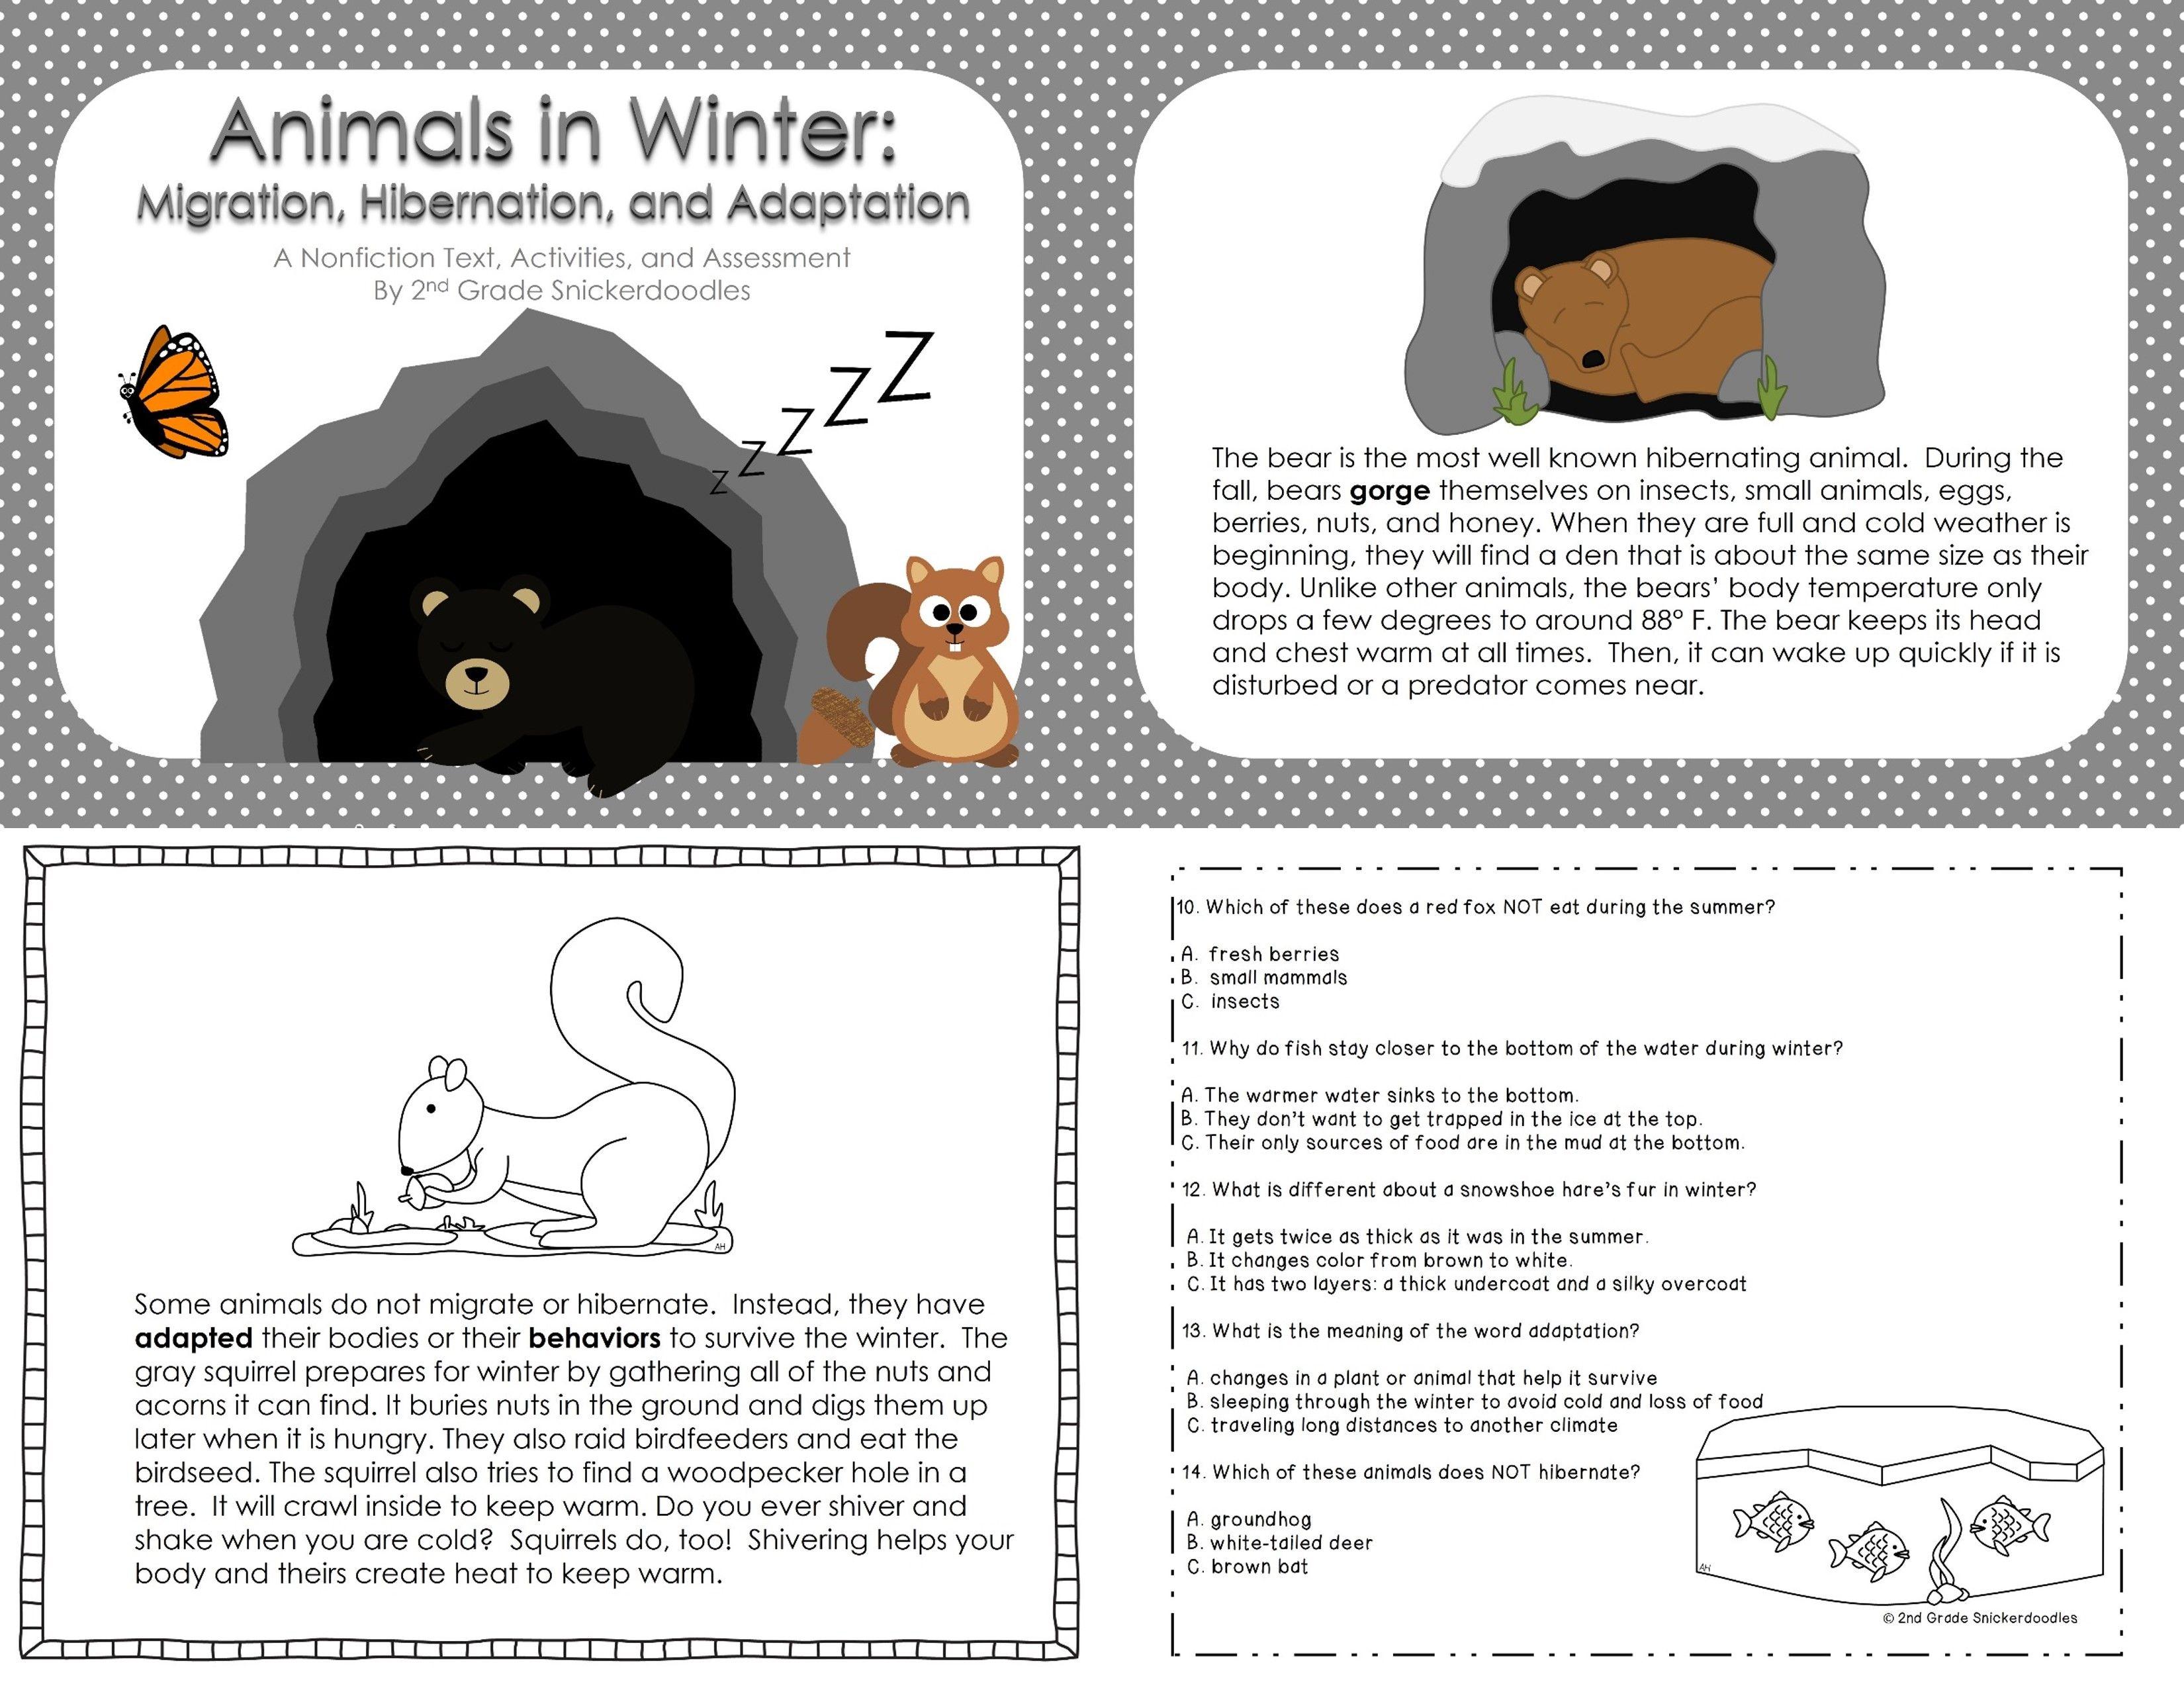 medium resolution of Animals in Winter: Migration